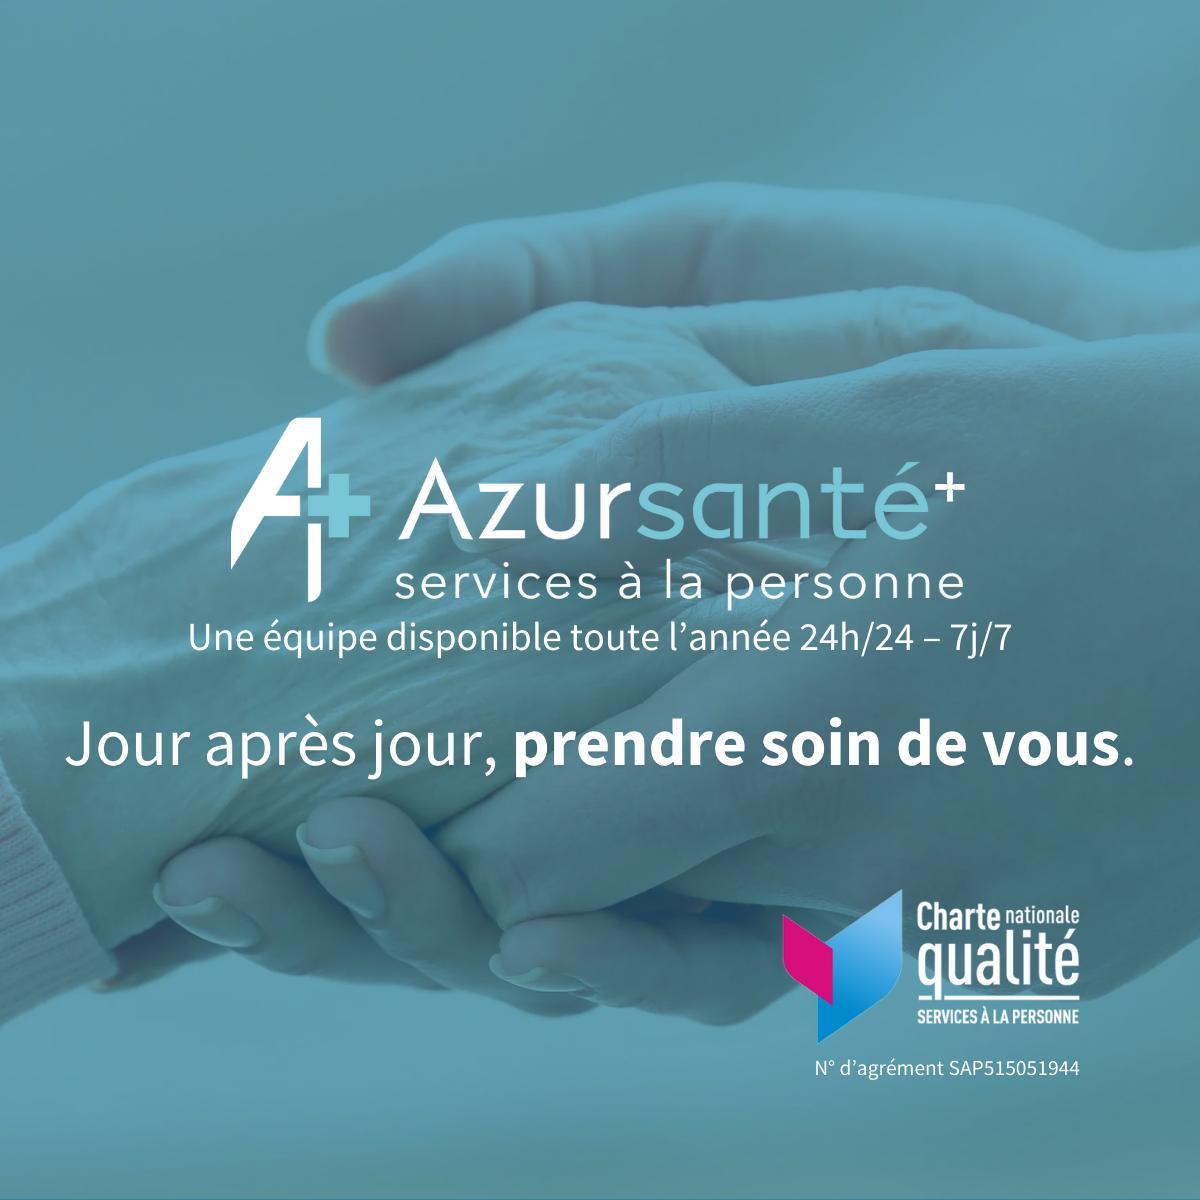 Azur Santé + Grasse